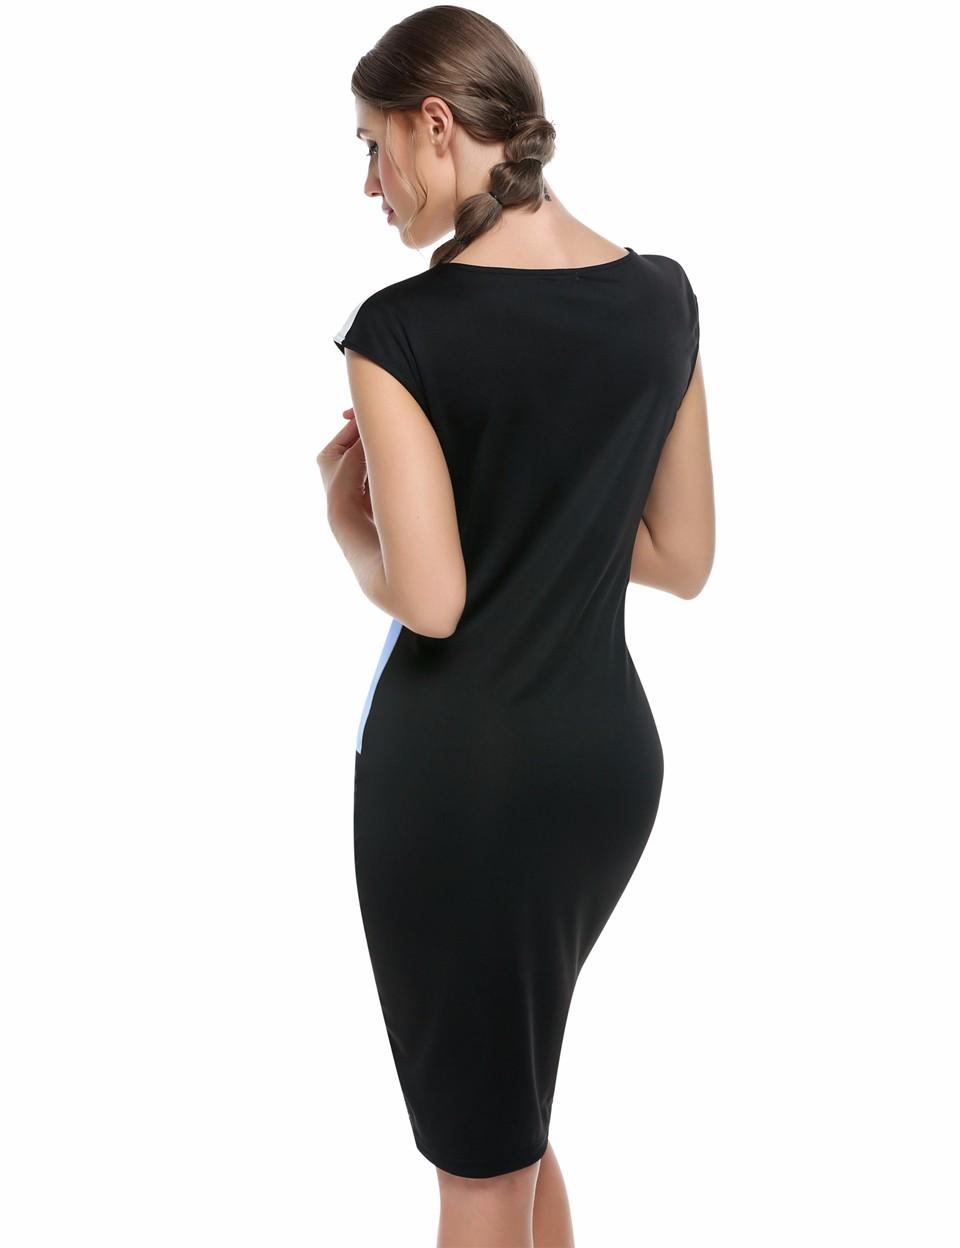 Summer dress (5)